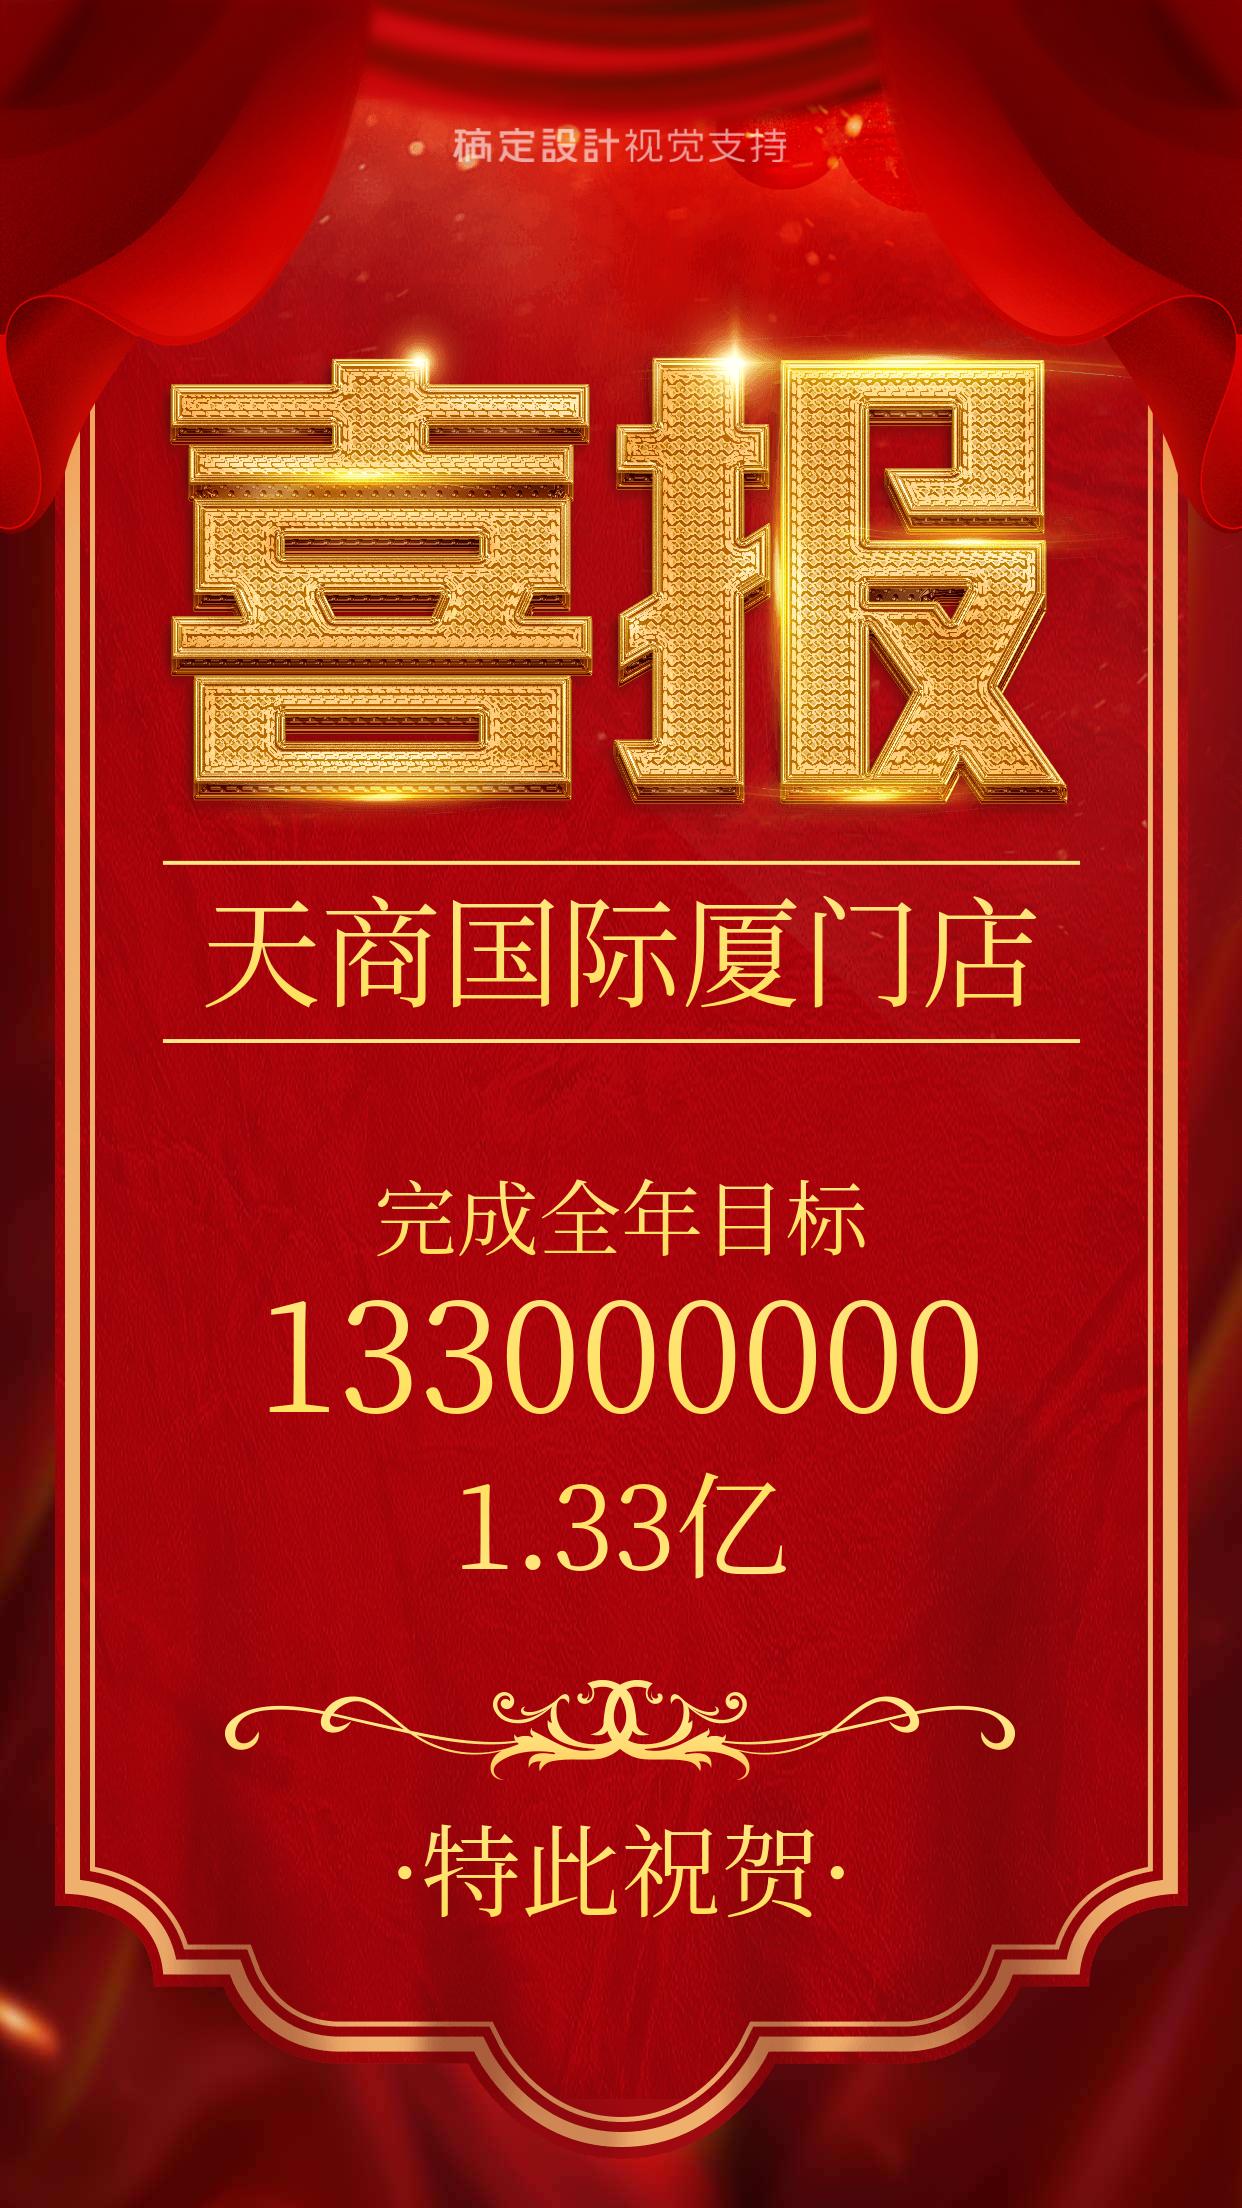 喜庆金融保险理财行业红色业绩喜报